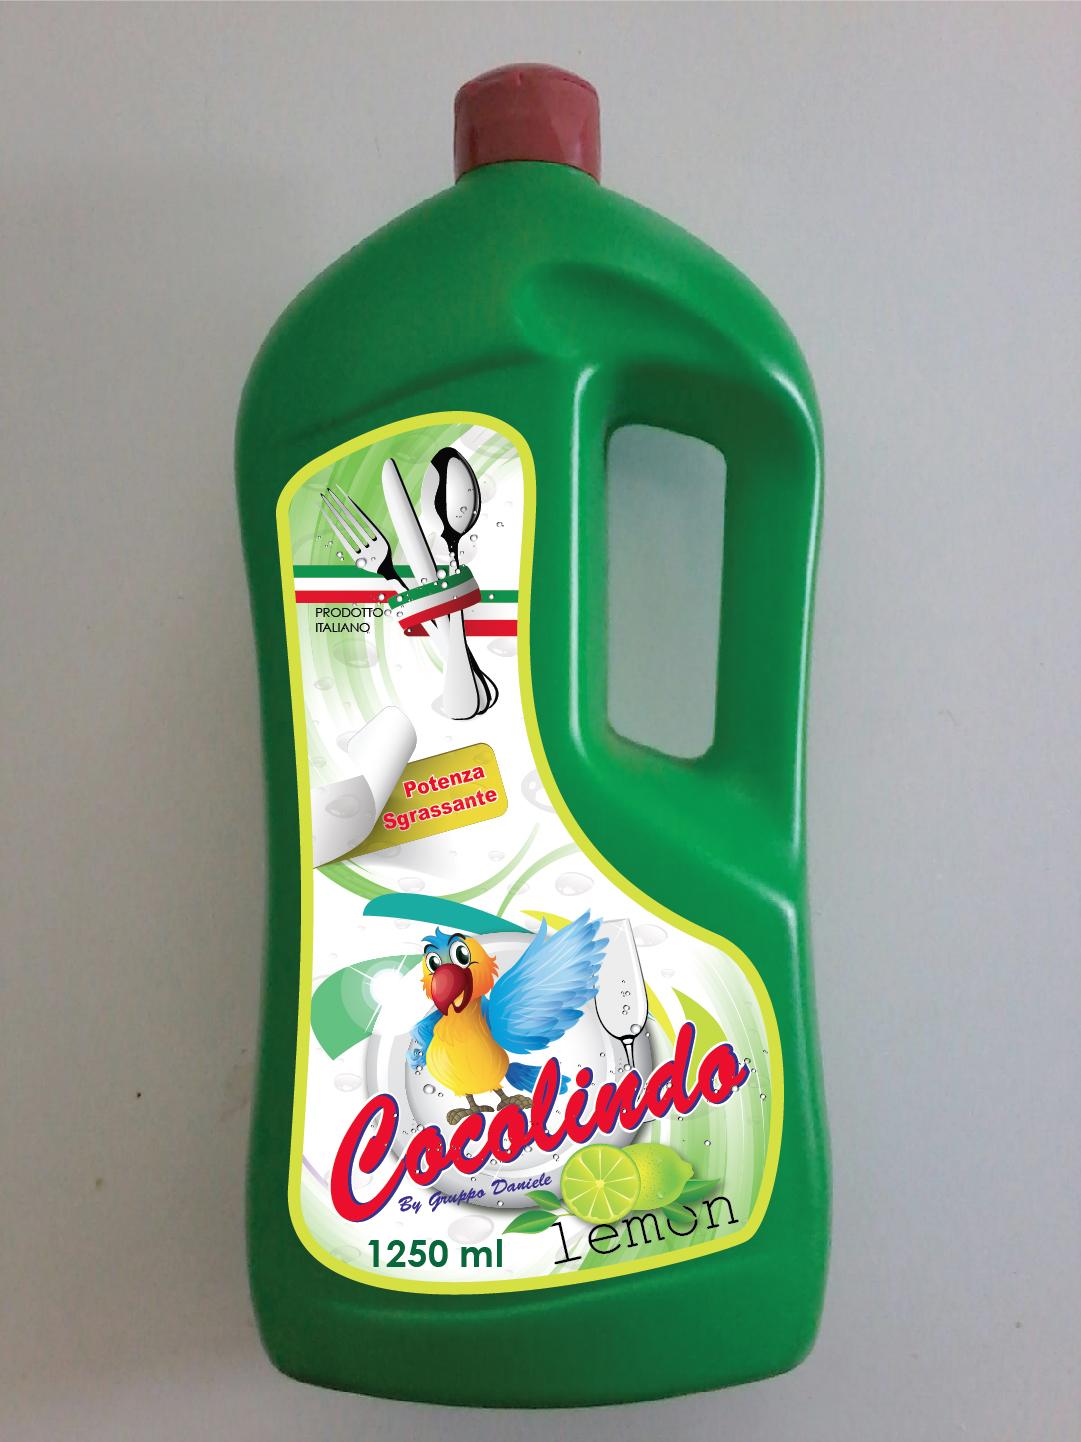 Cocolindo